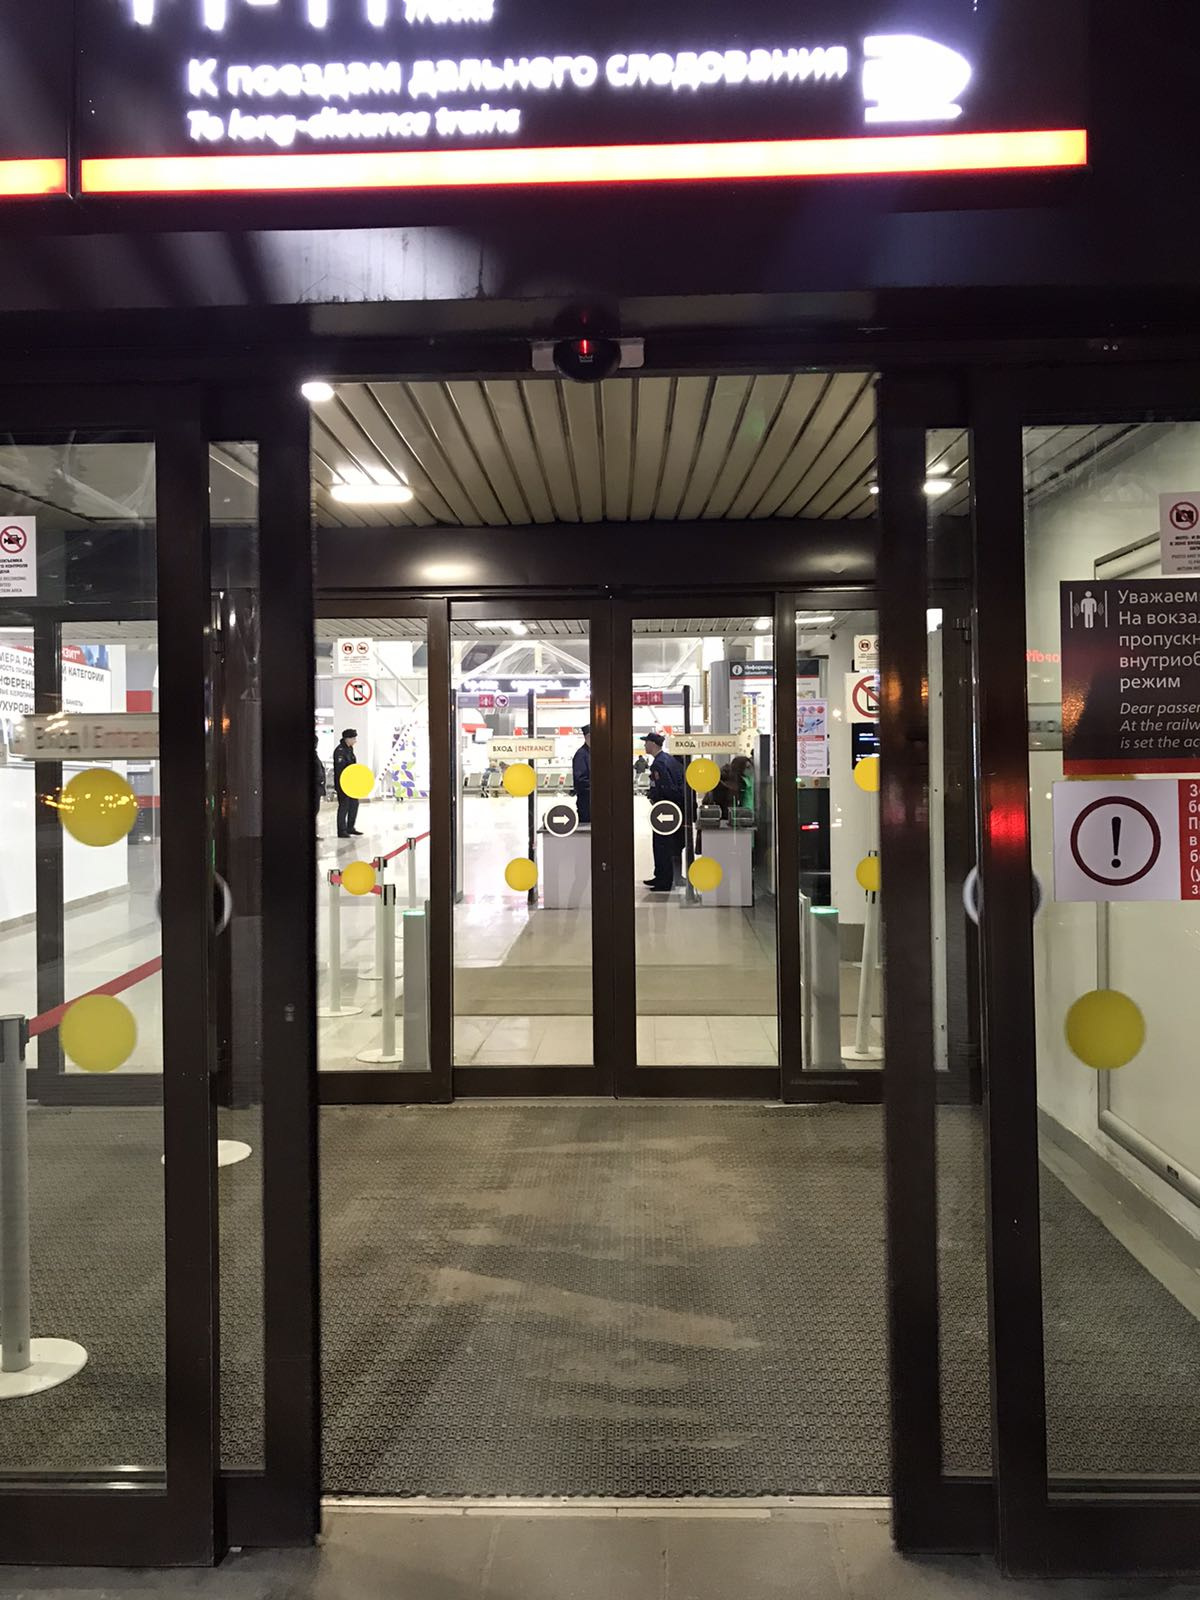 В Железнодорожном вокзале г. Самара был произведен ремонт и техническое обслуживание